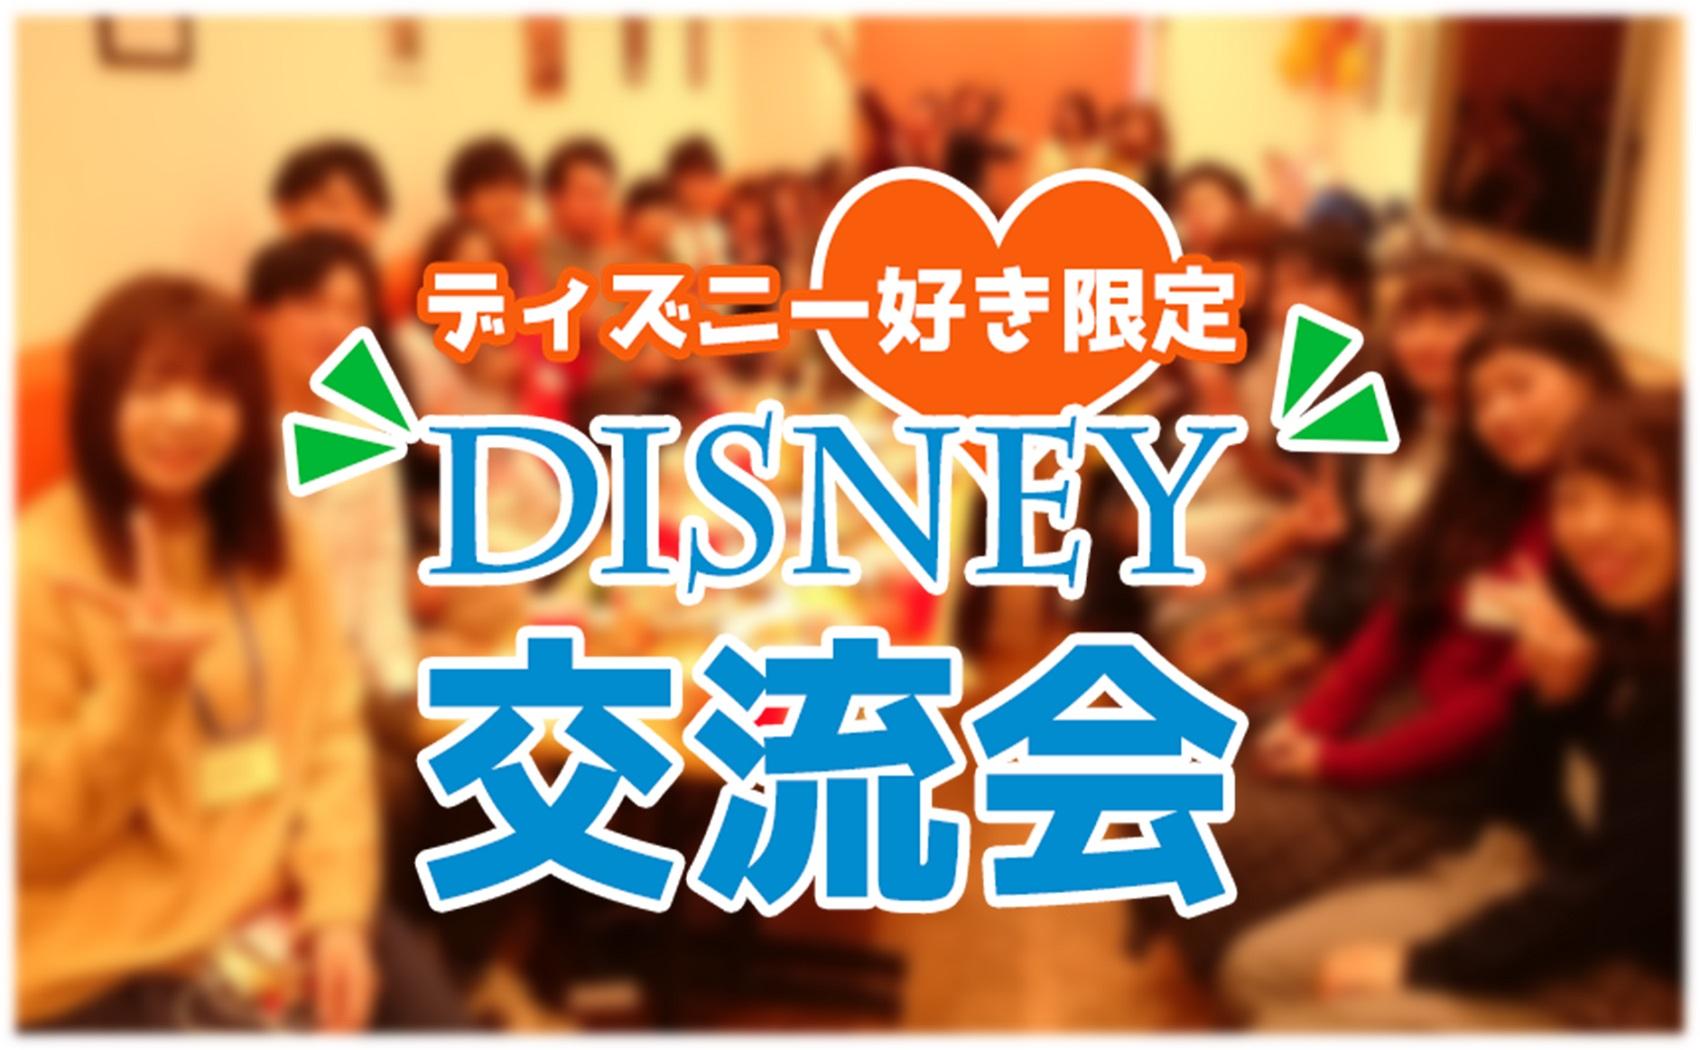 ディズニー友活交流会